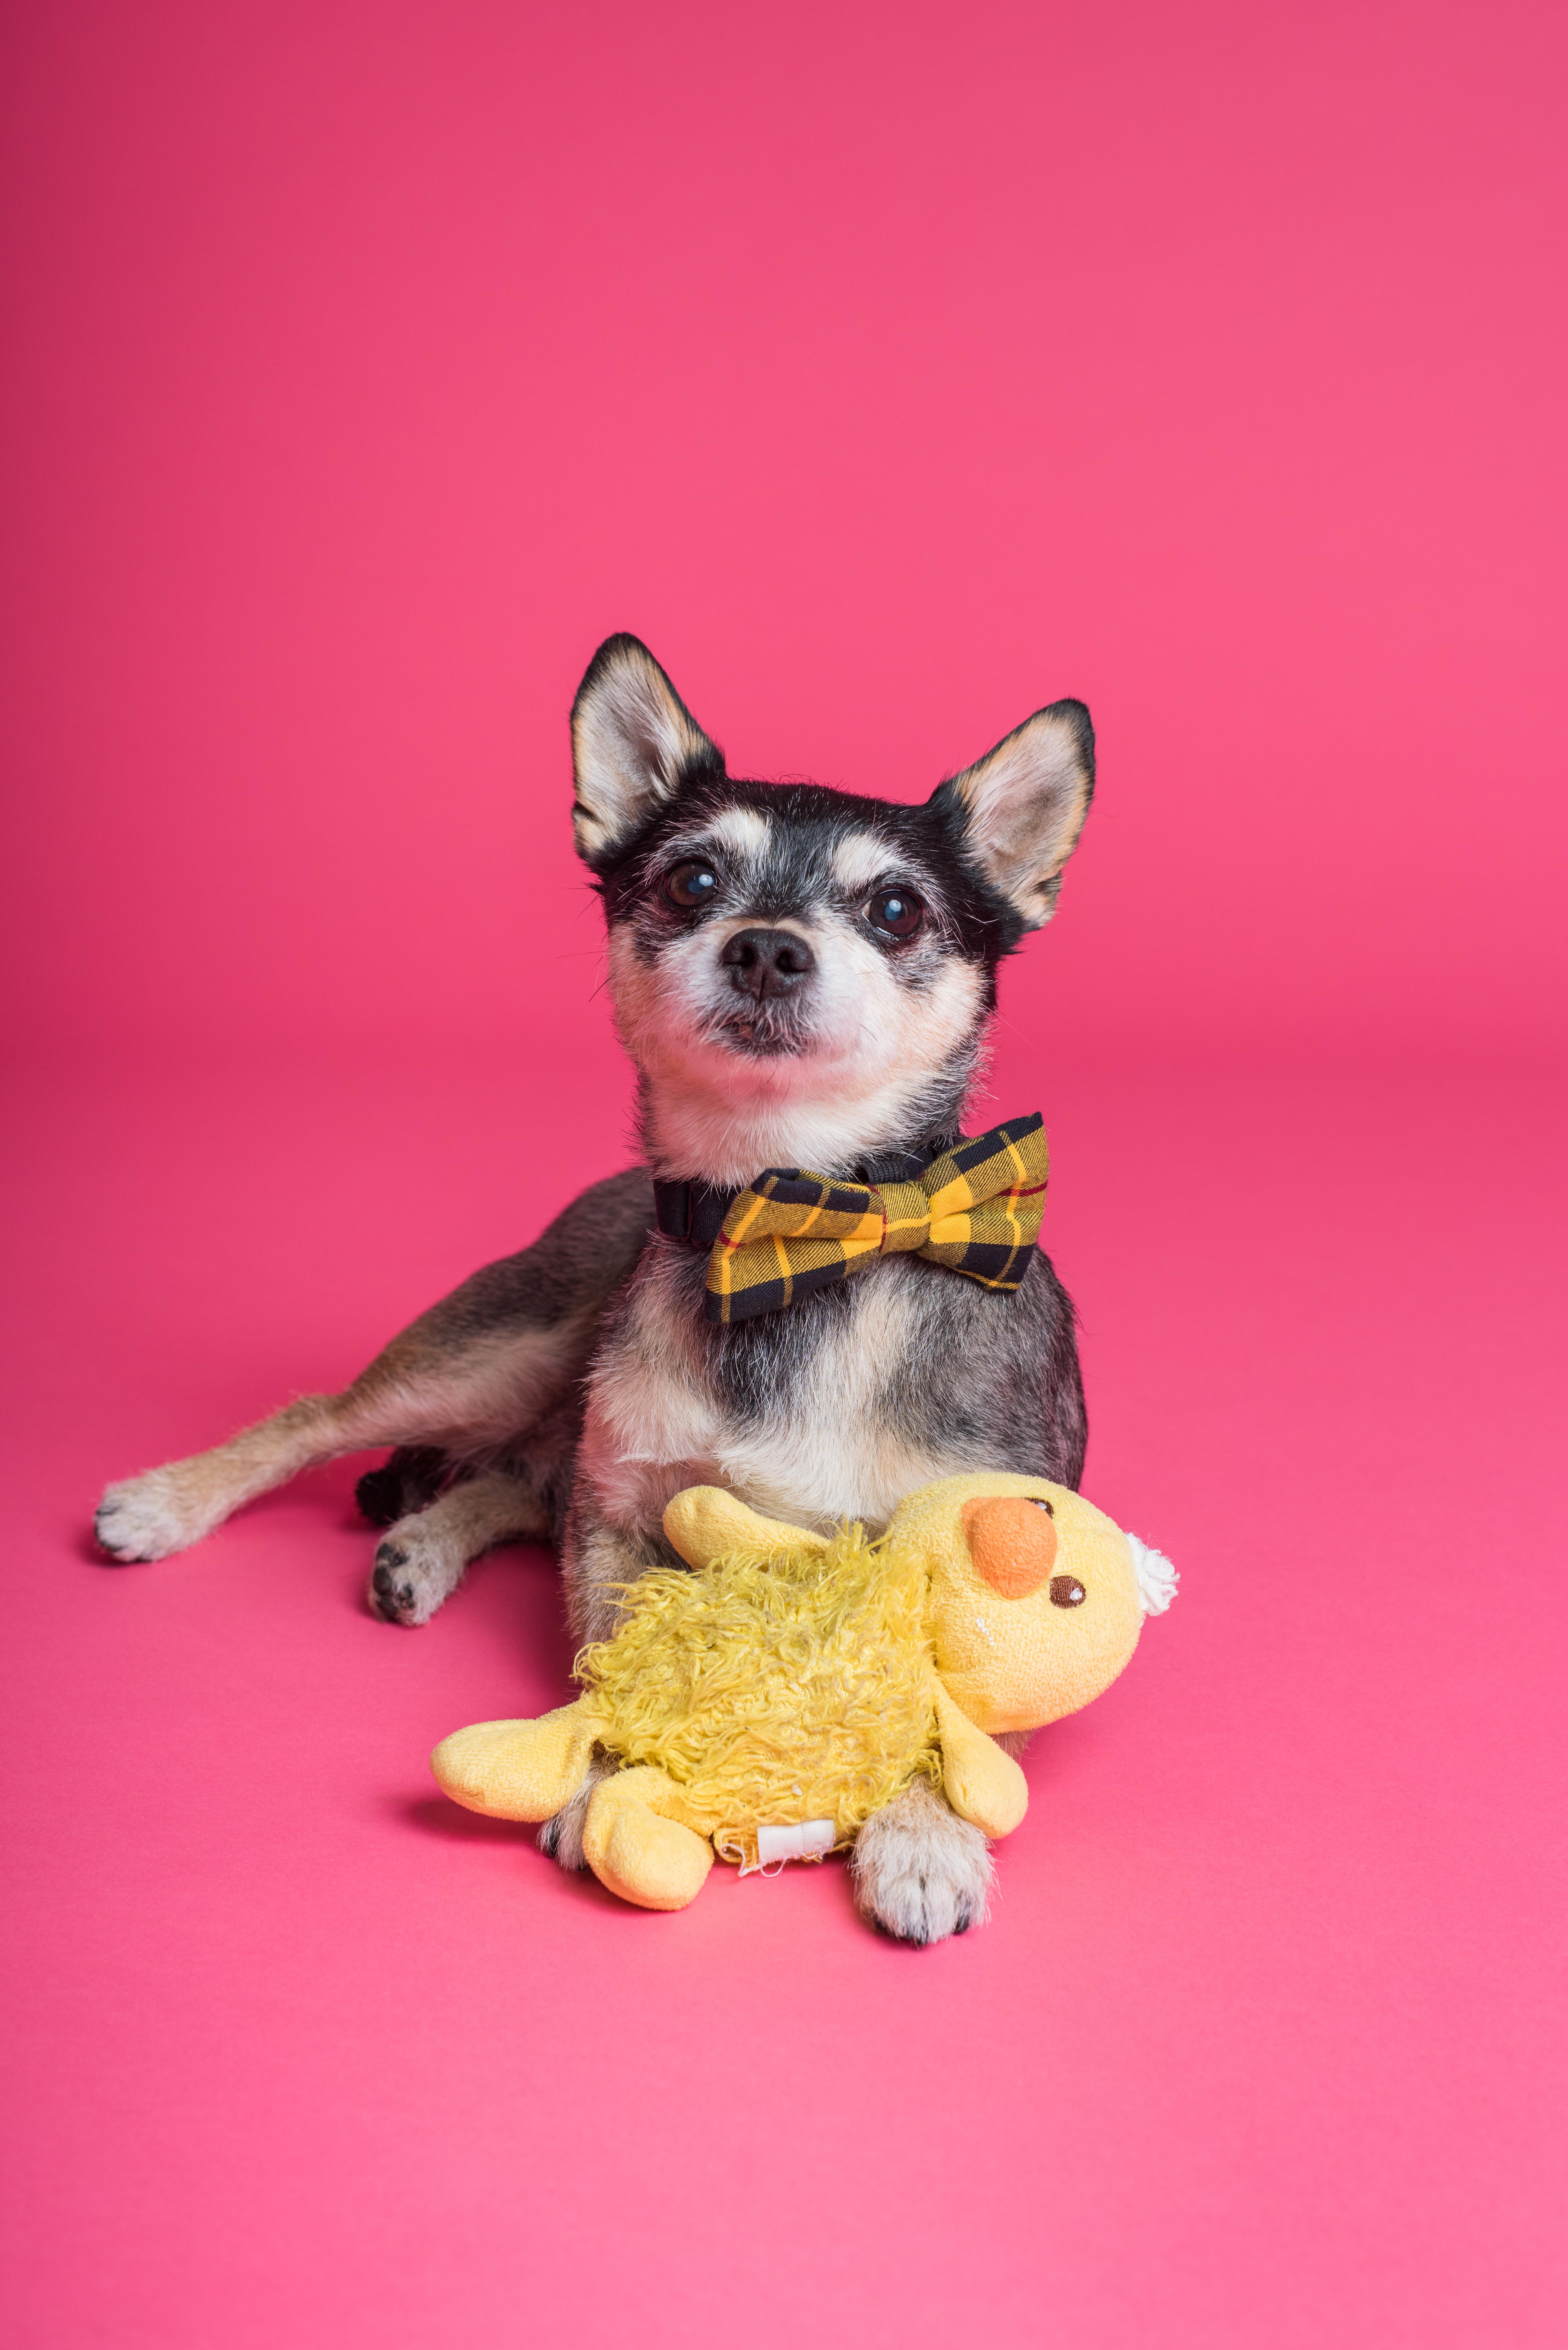 short coated dog sitting on pink surface